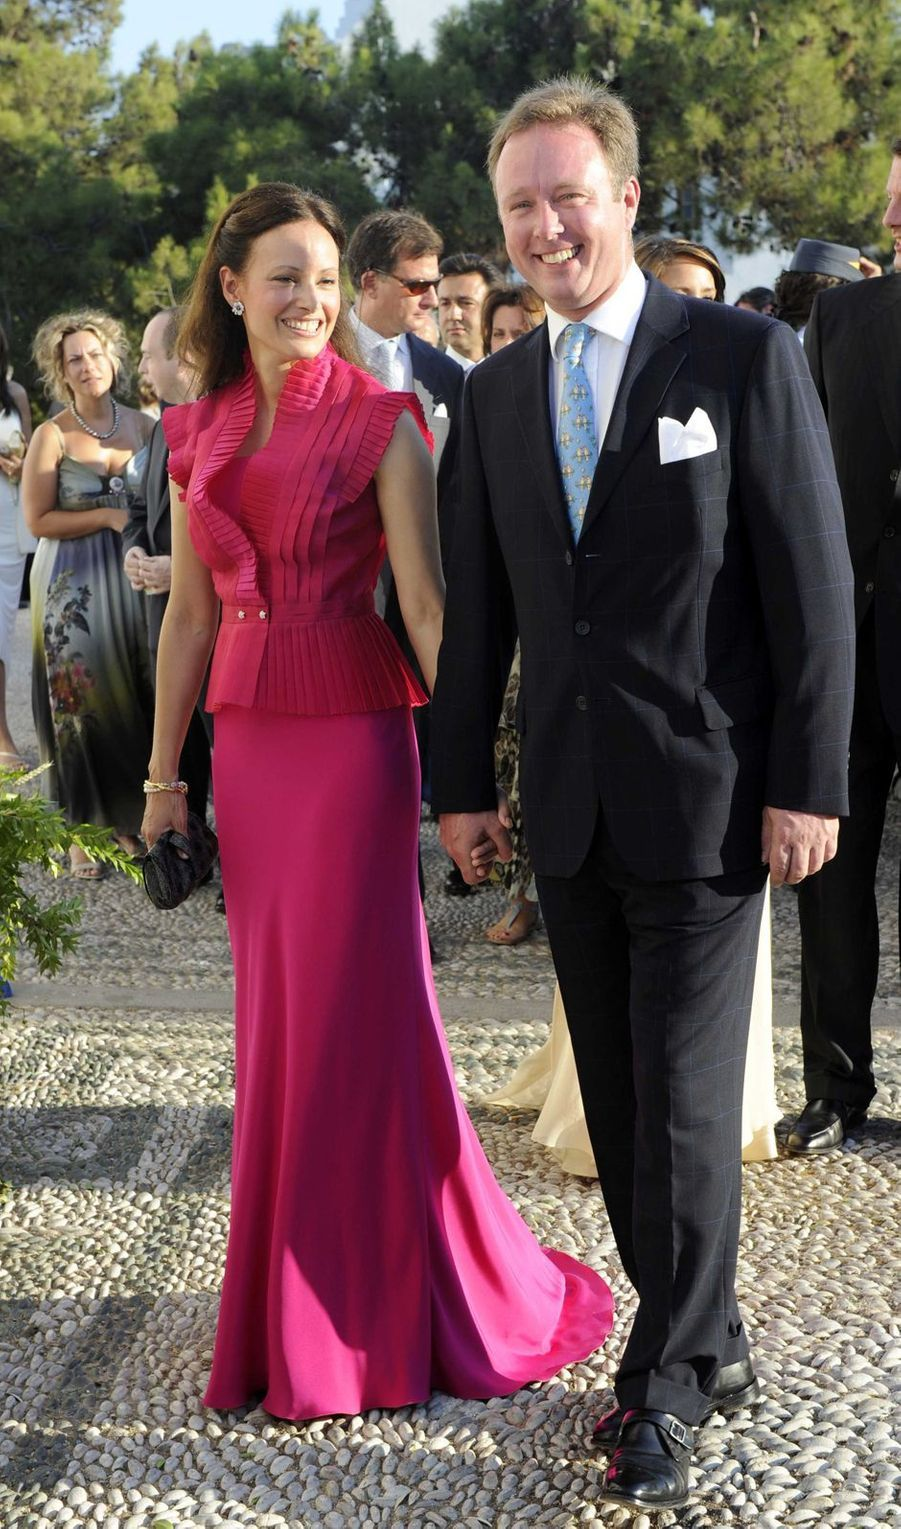 Le prince Gustav zu Sayn-Wittgenstein-Berleburg, cousin germain du marié, et sa compagne Carina Axelsson sur l'île de Spetses, le 25 août 2010